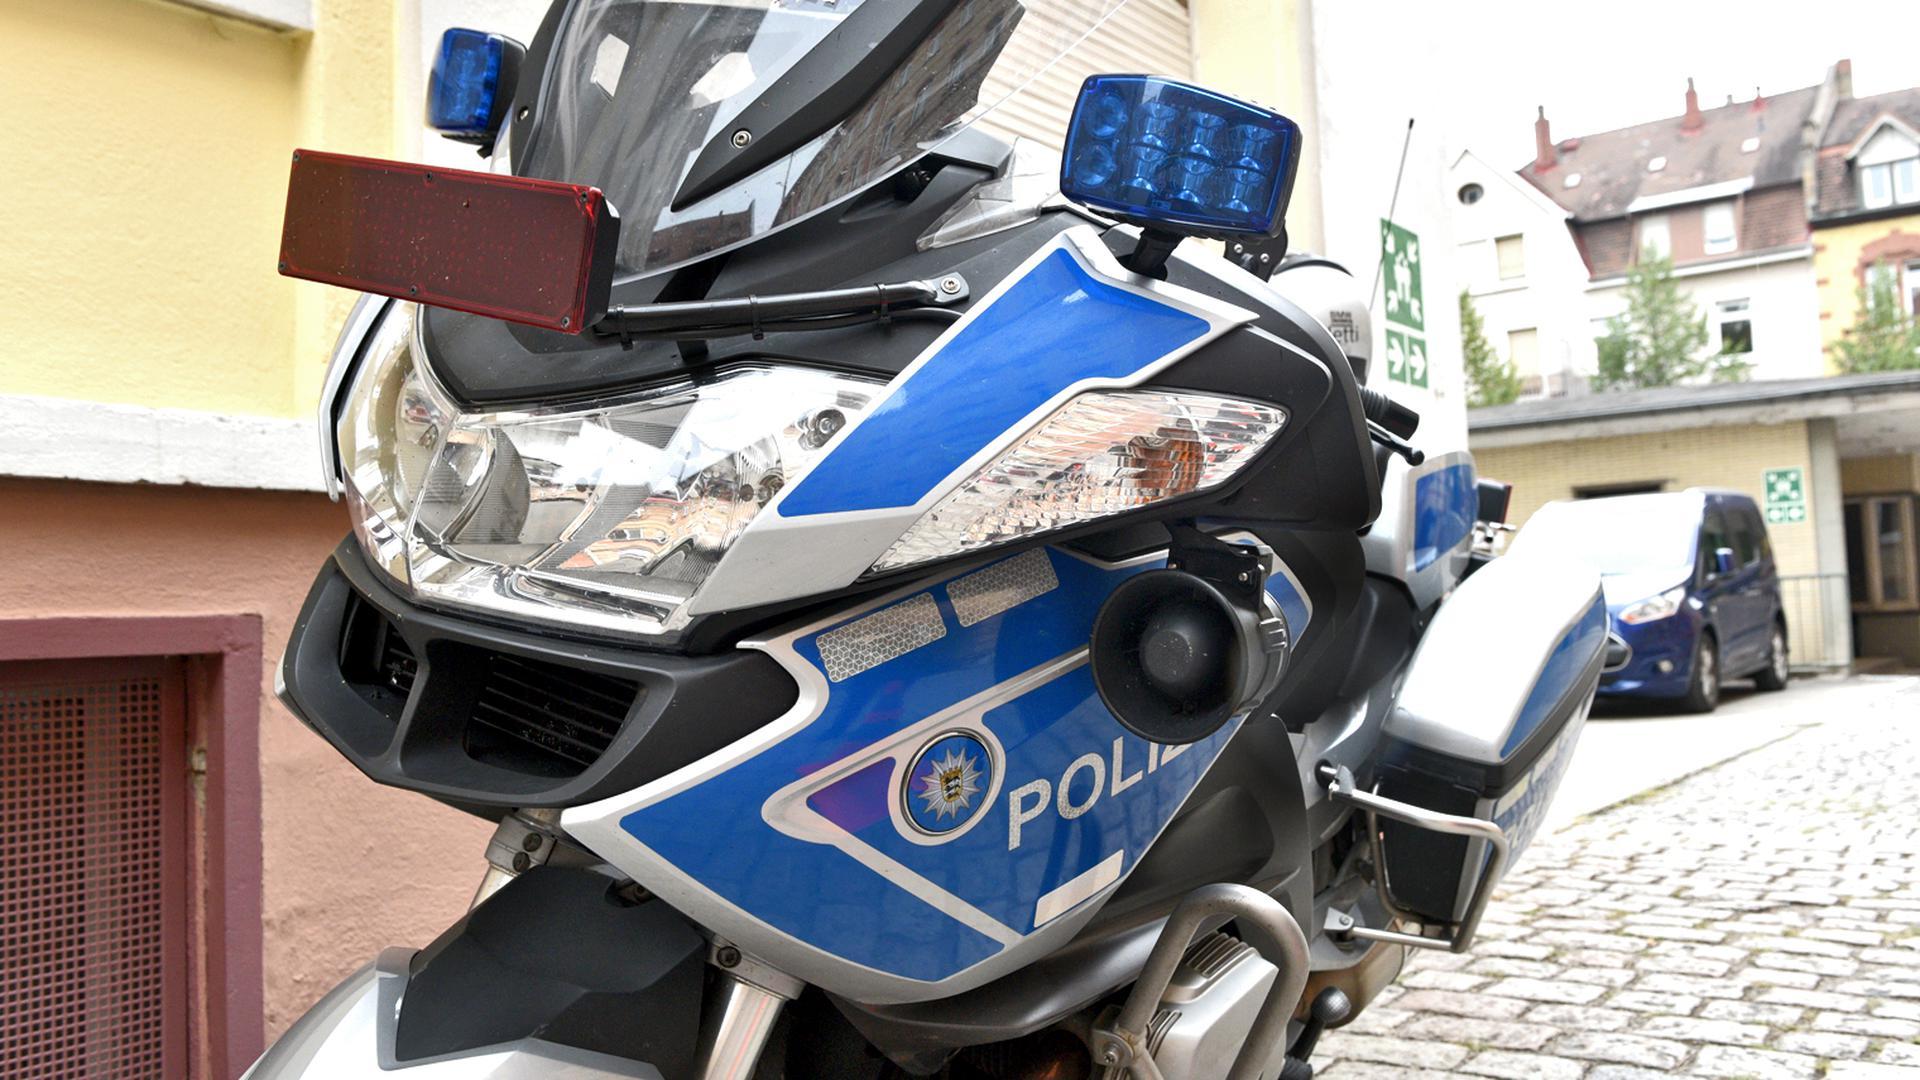 Ein Polizeimotorrad steht in einem Hof. (Symbolbild)